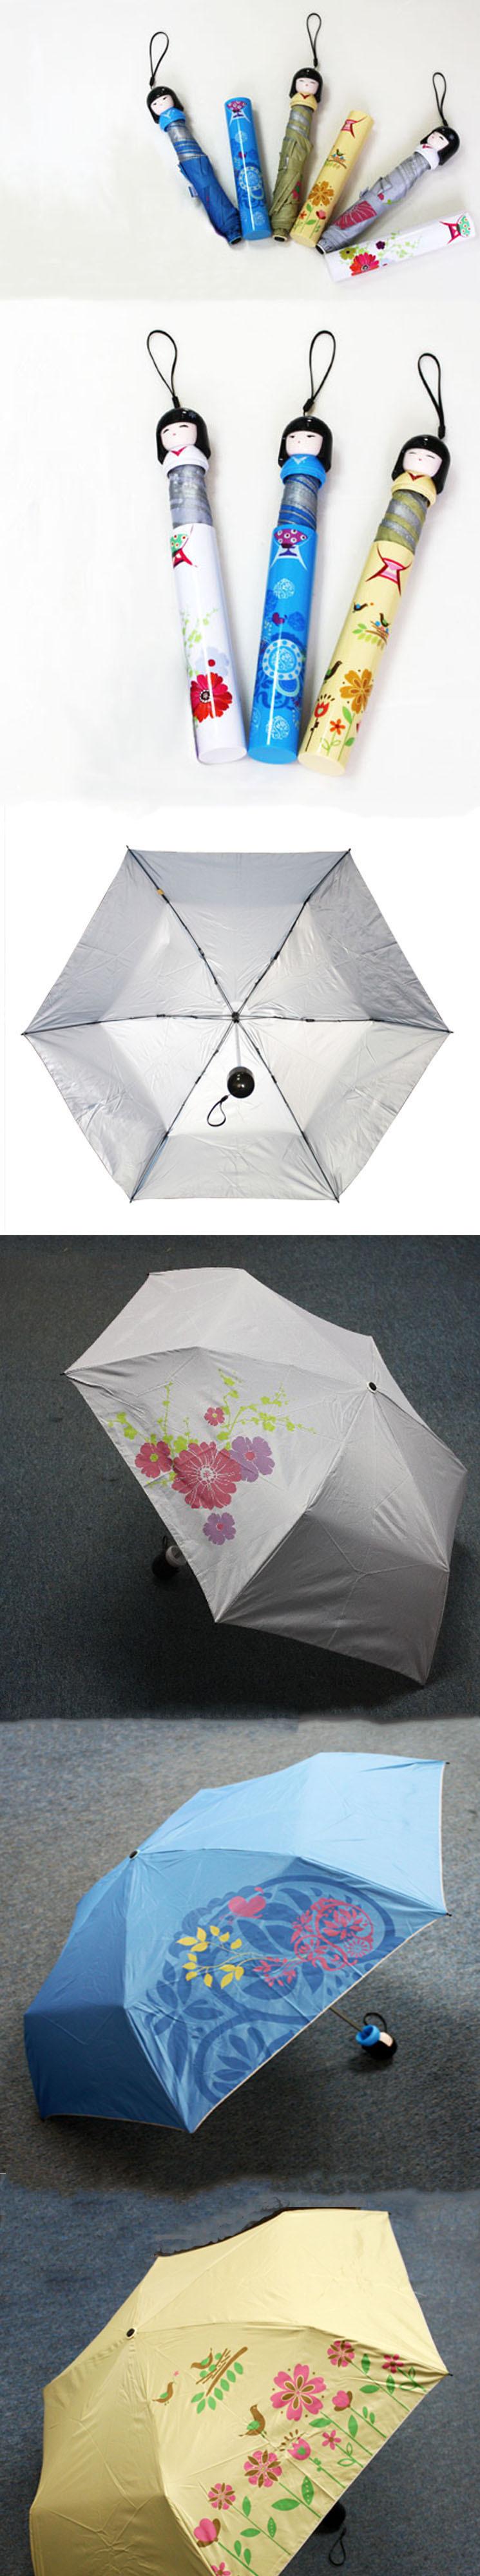 Más muestras paraguas diseño muñeca japonesa Kokeshi